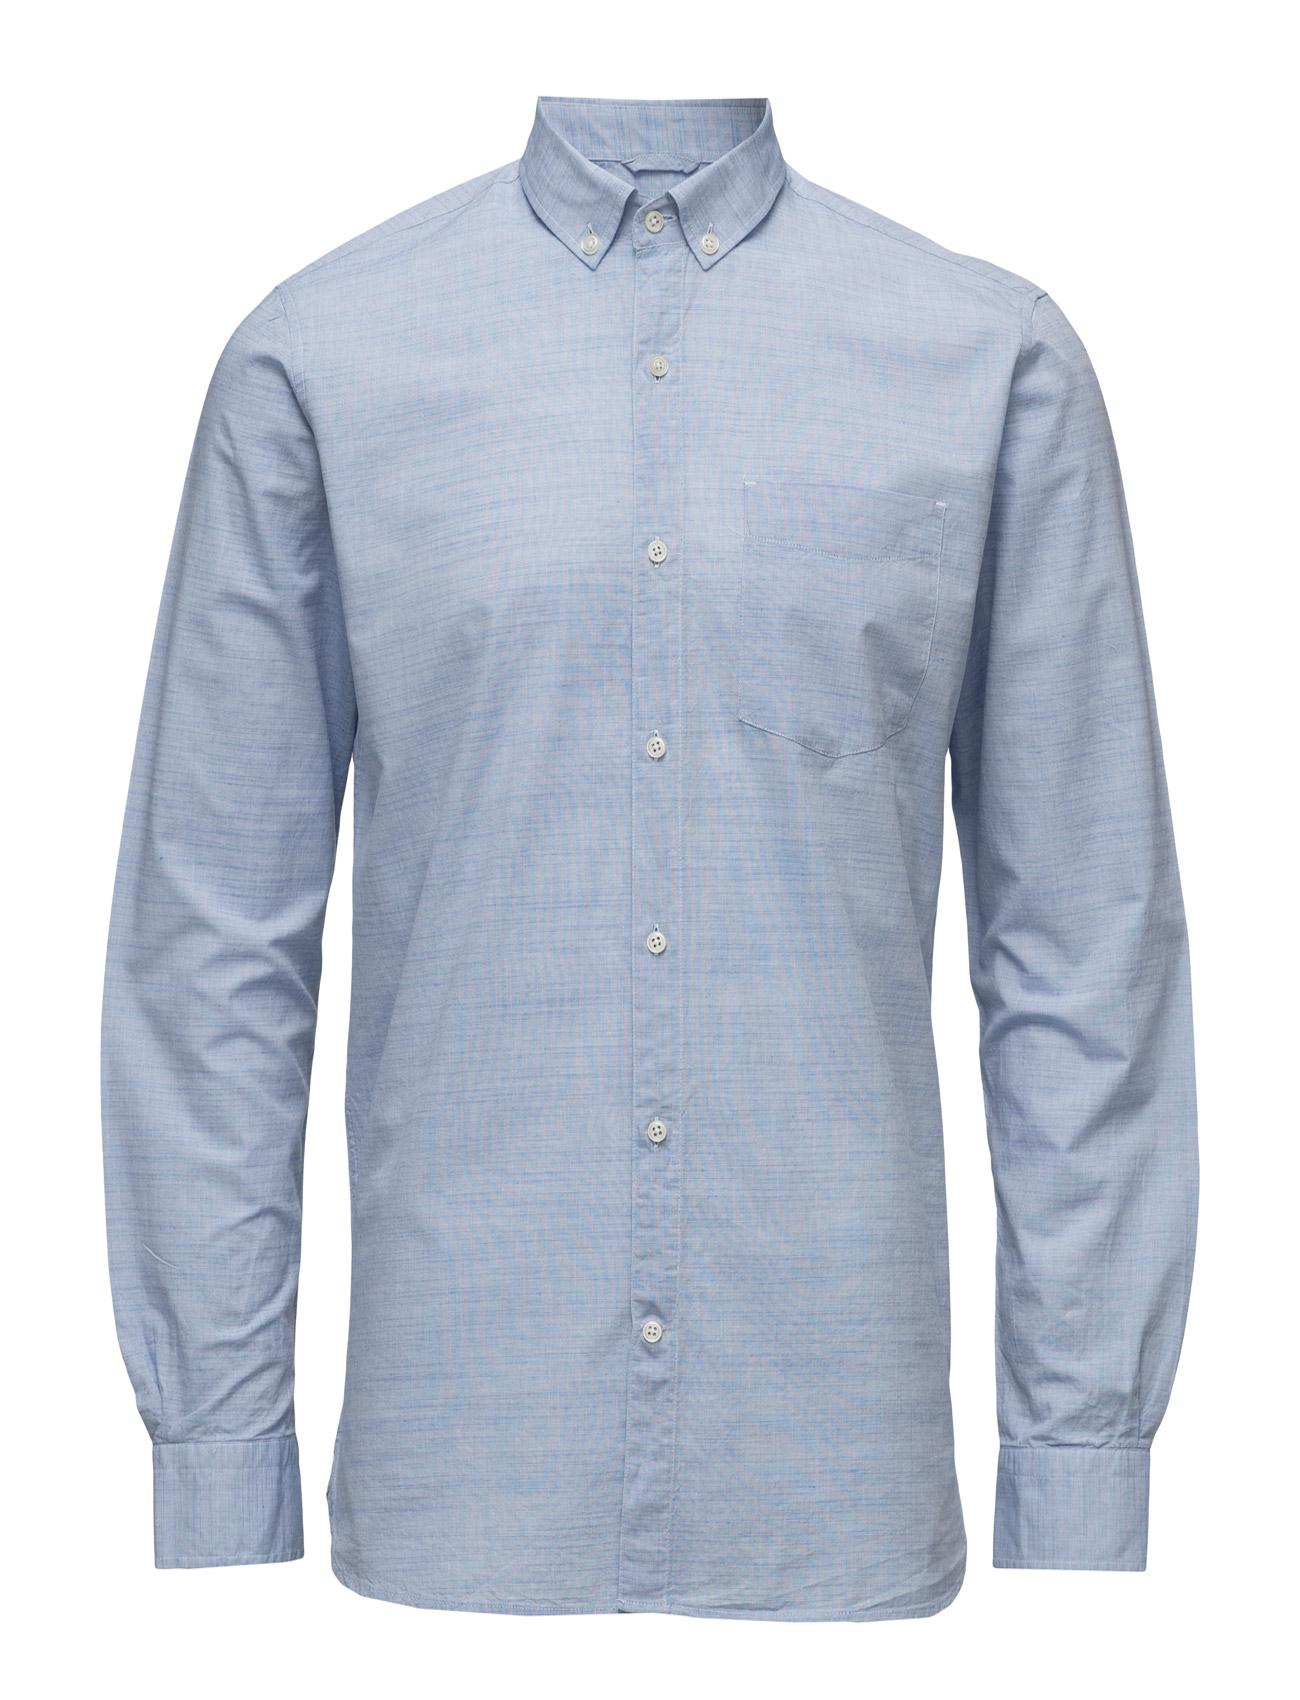 Light Oxford Shirt - Gots Knowledge Cotton Apparel Casual sko til Herrer i